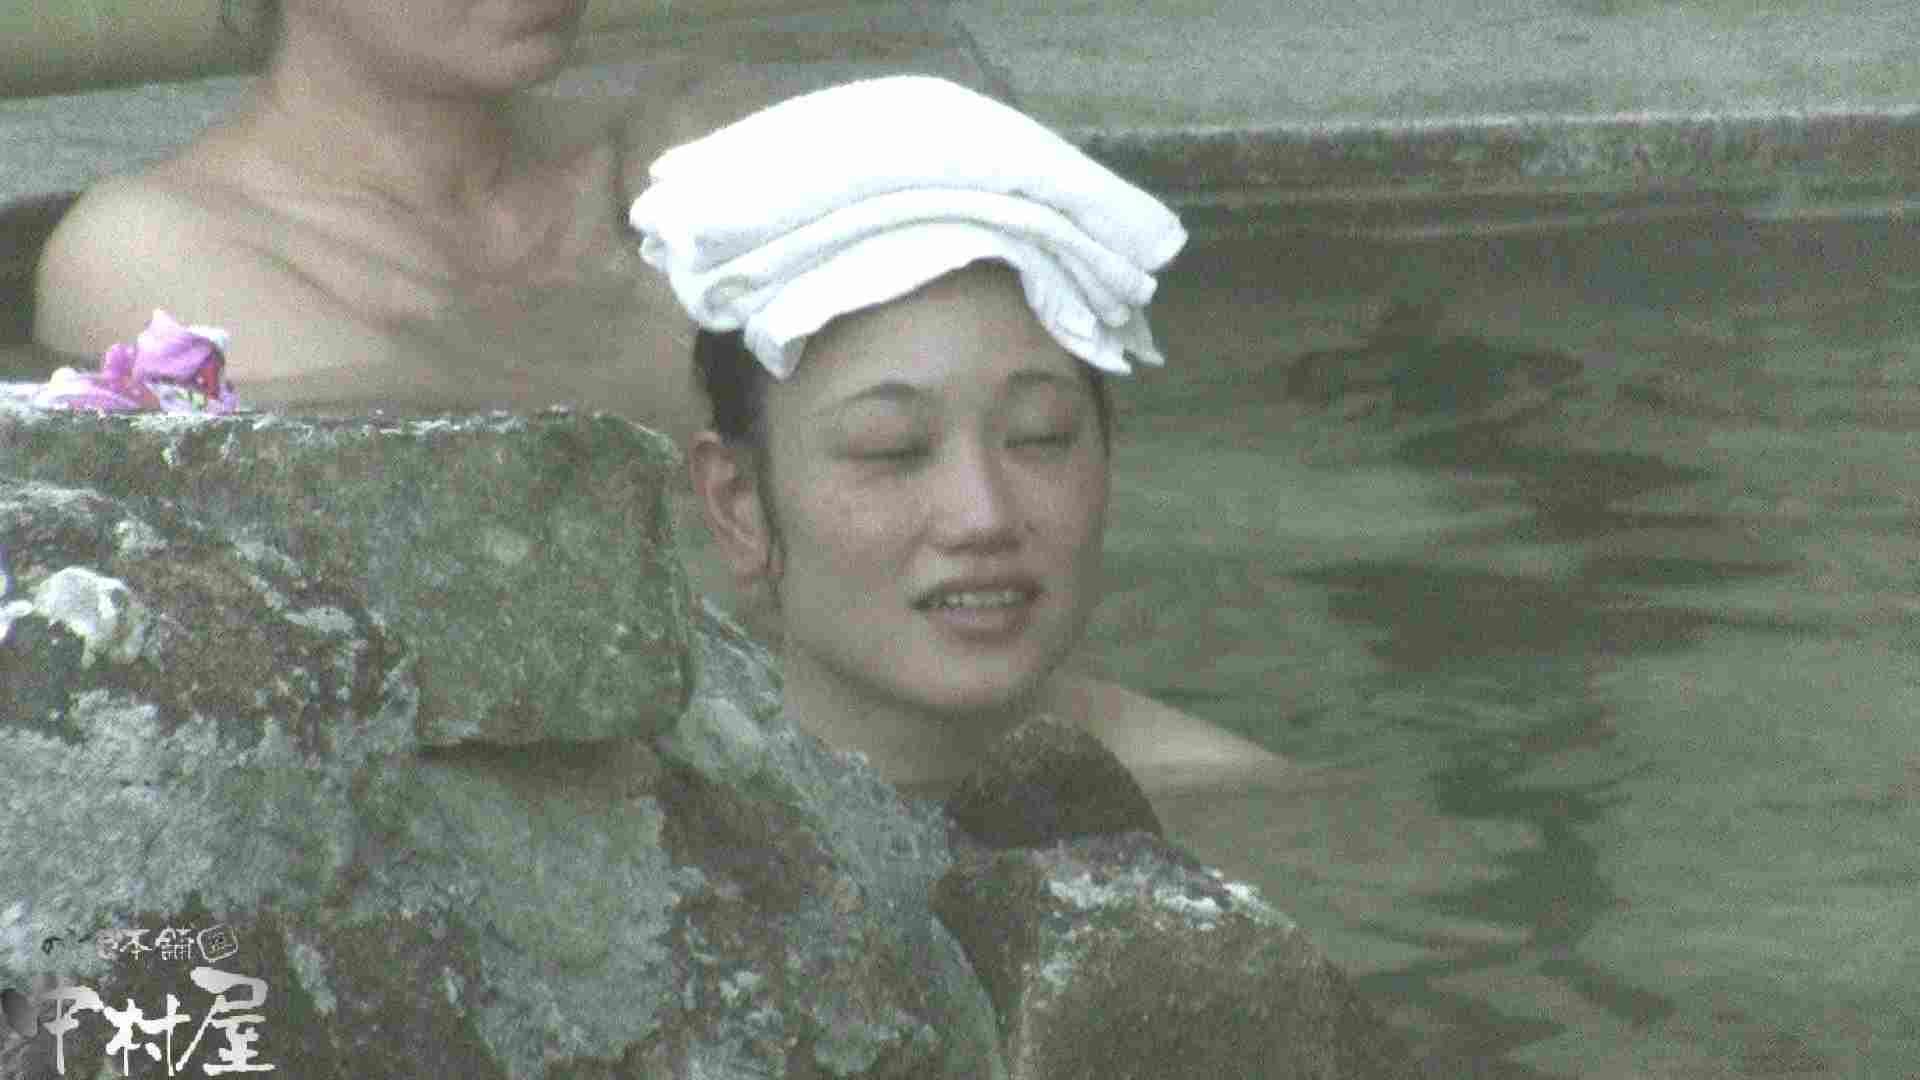 Aquaな露天風呂Vol.914 露天 | 盗撮  98pic 34